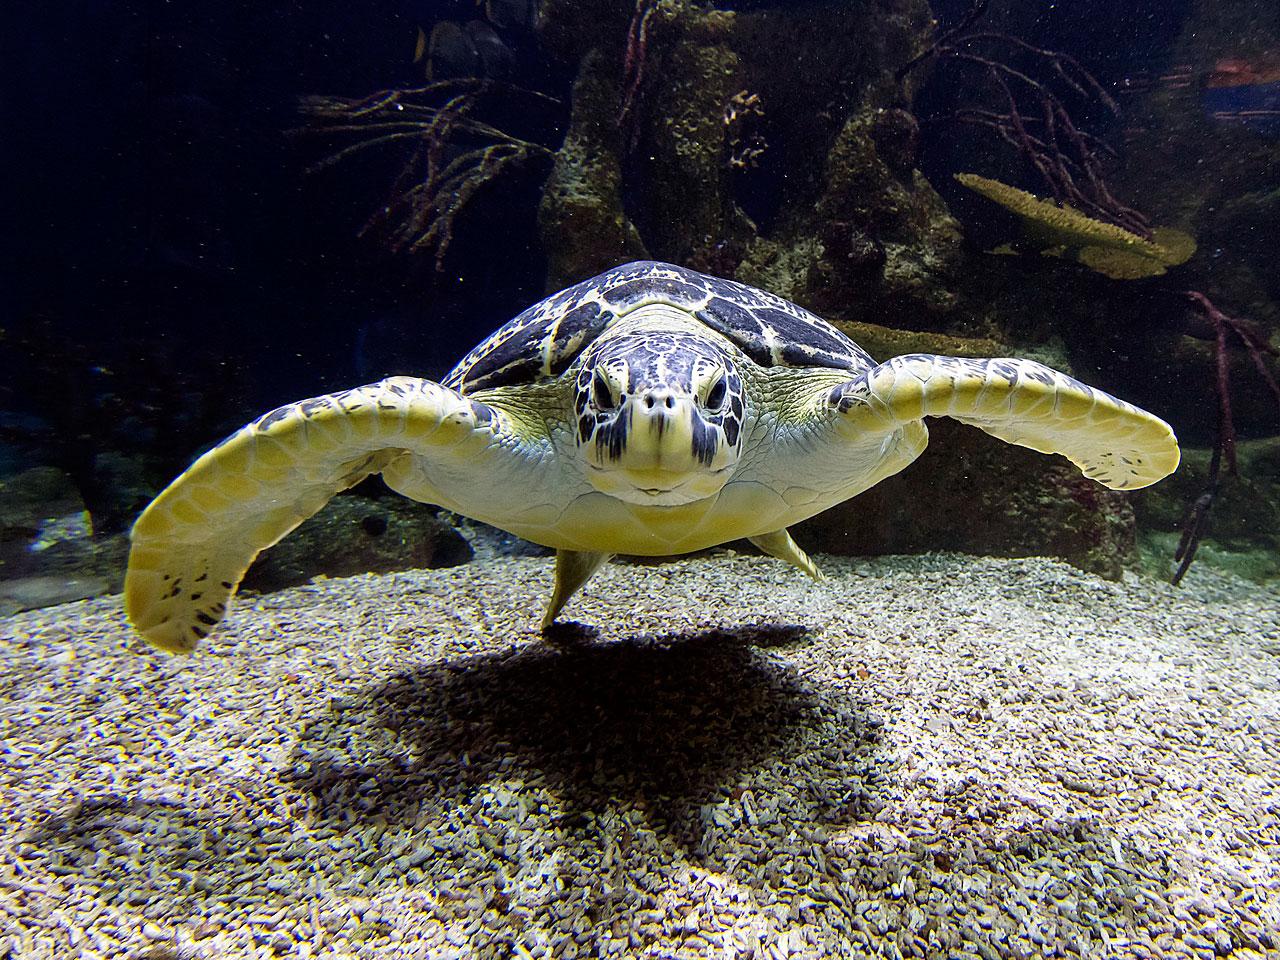 Die Aquarien müssen gekühlt werden - Fotocredit: Haus des Meeres/DanielZupanc